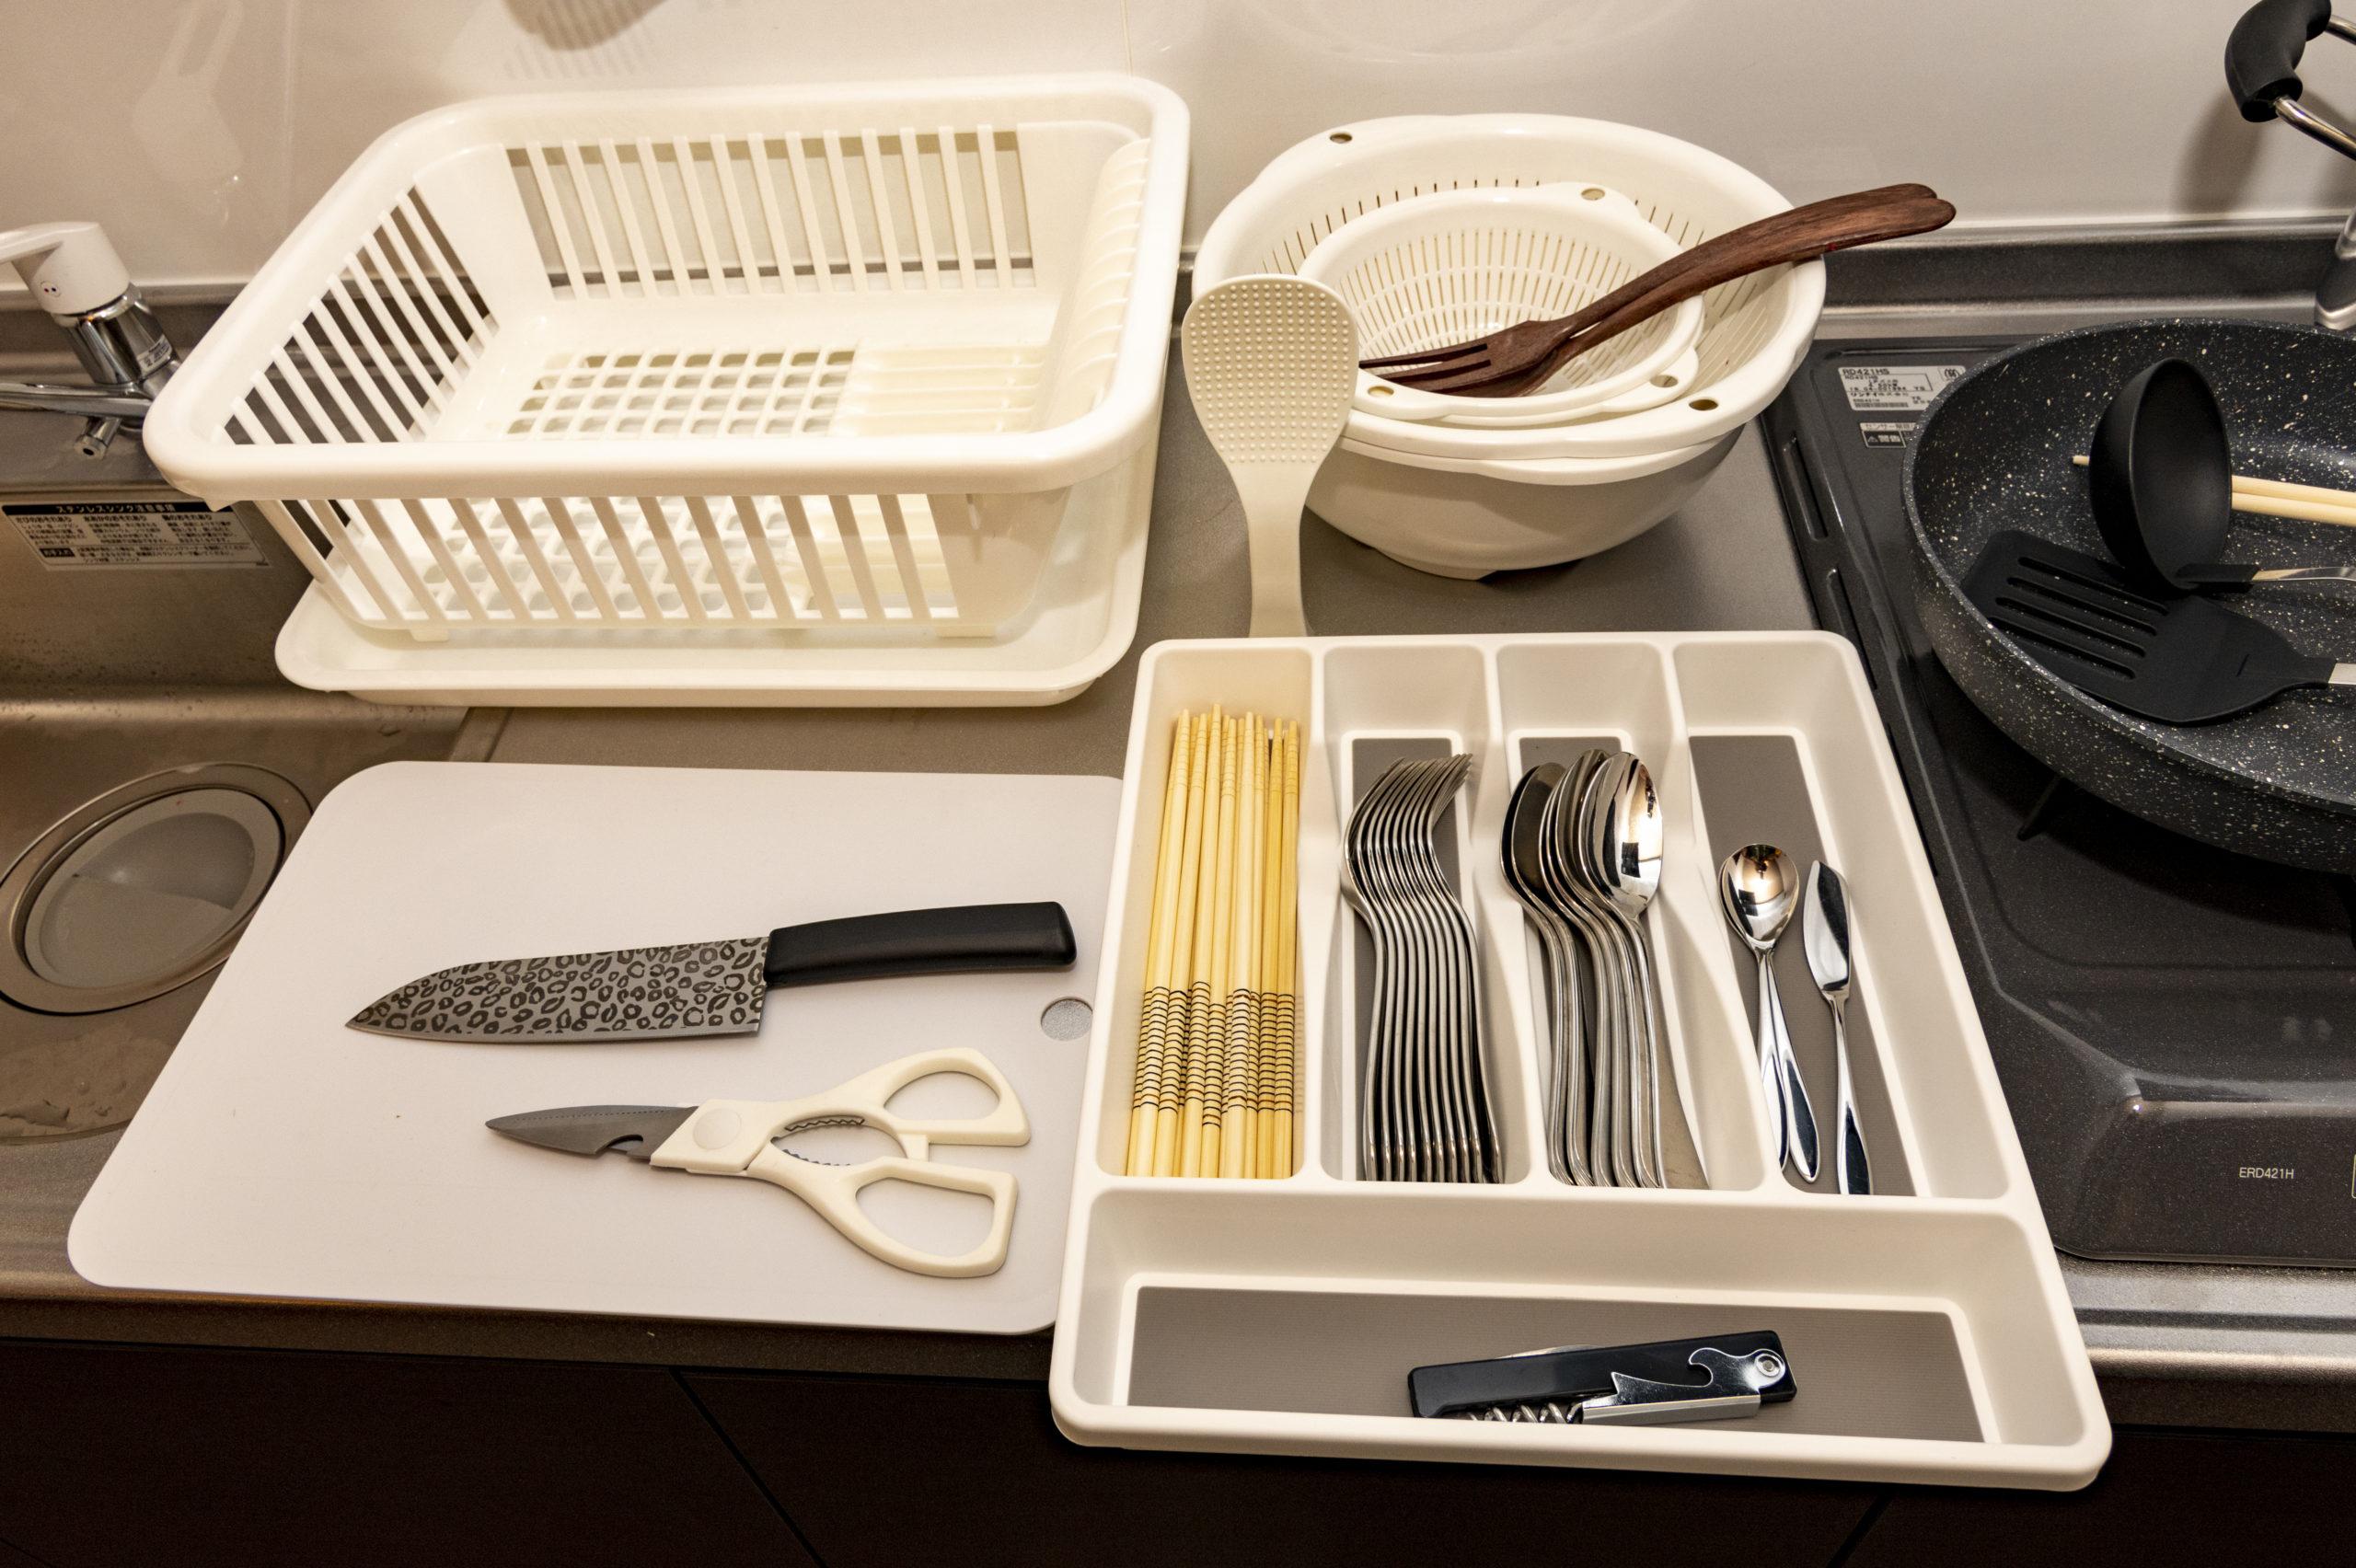 各部屋 調理器具、食器、塩、胡椒などの調味料も完備